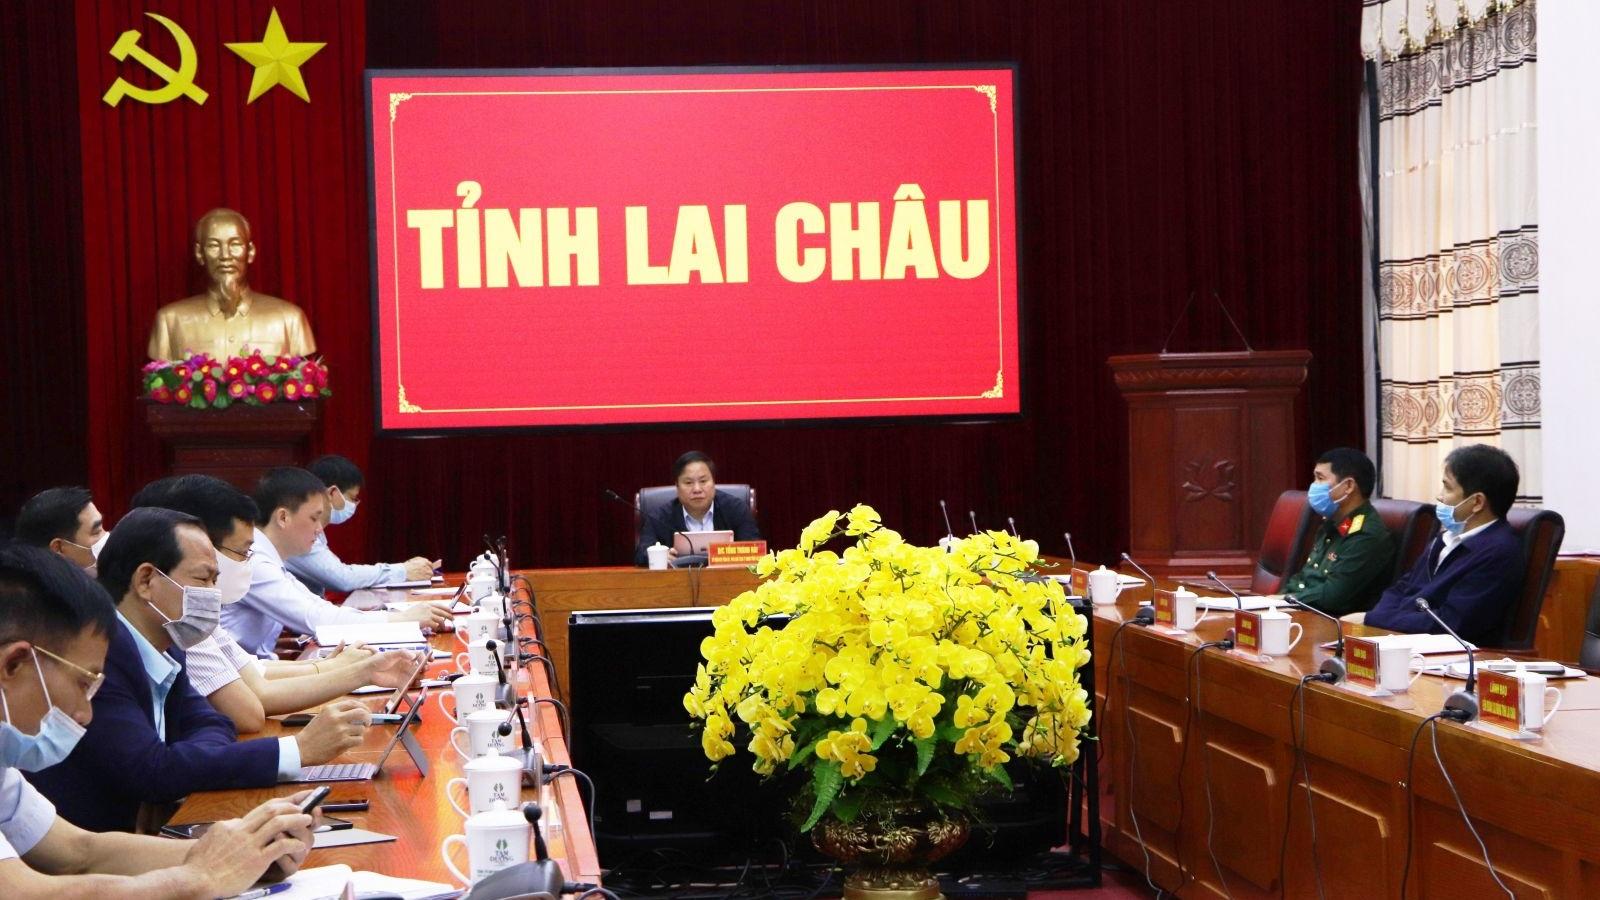 Lai Châuchốt danh sách sơ bộ 8 hồ sơ ứng cử đại biểu Quốc hội sau hiệp thương lần2